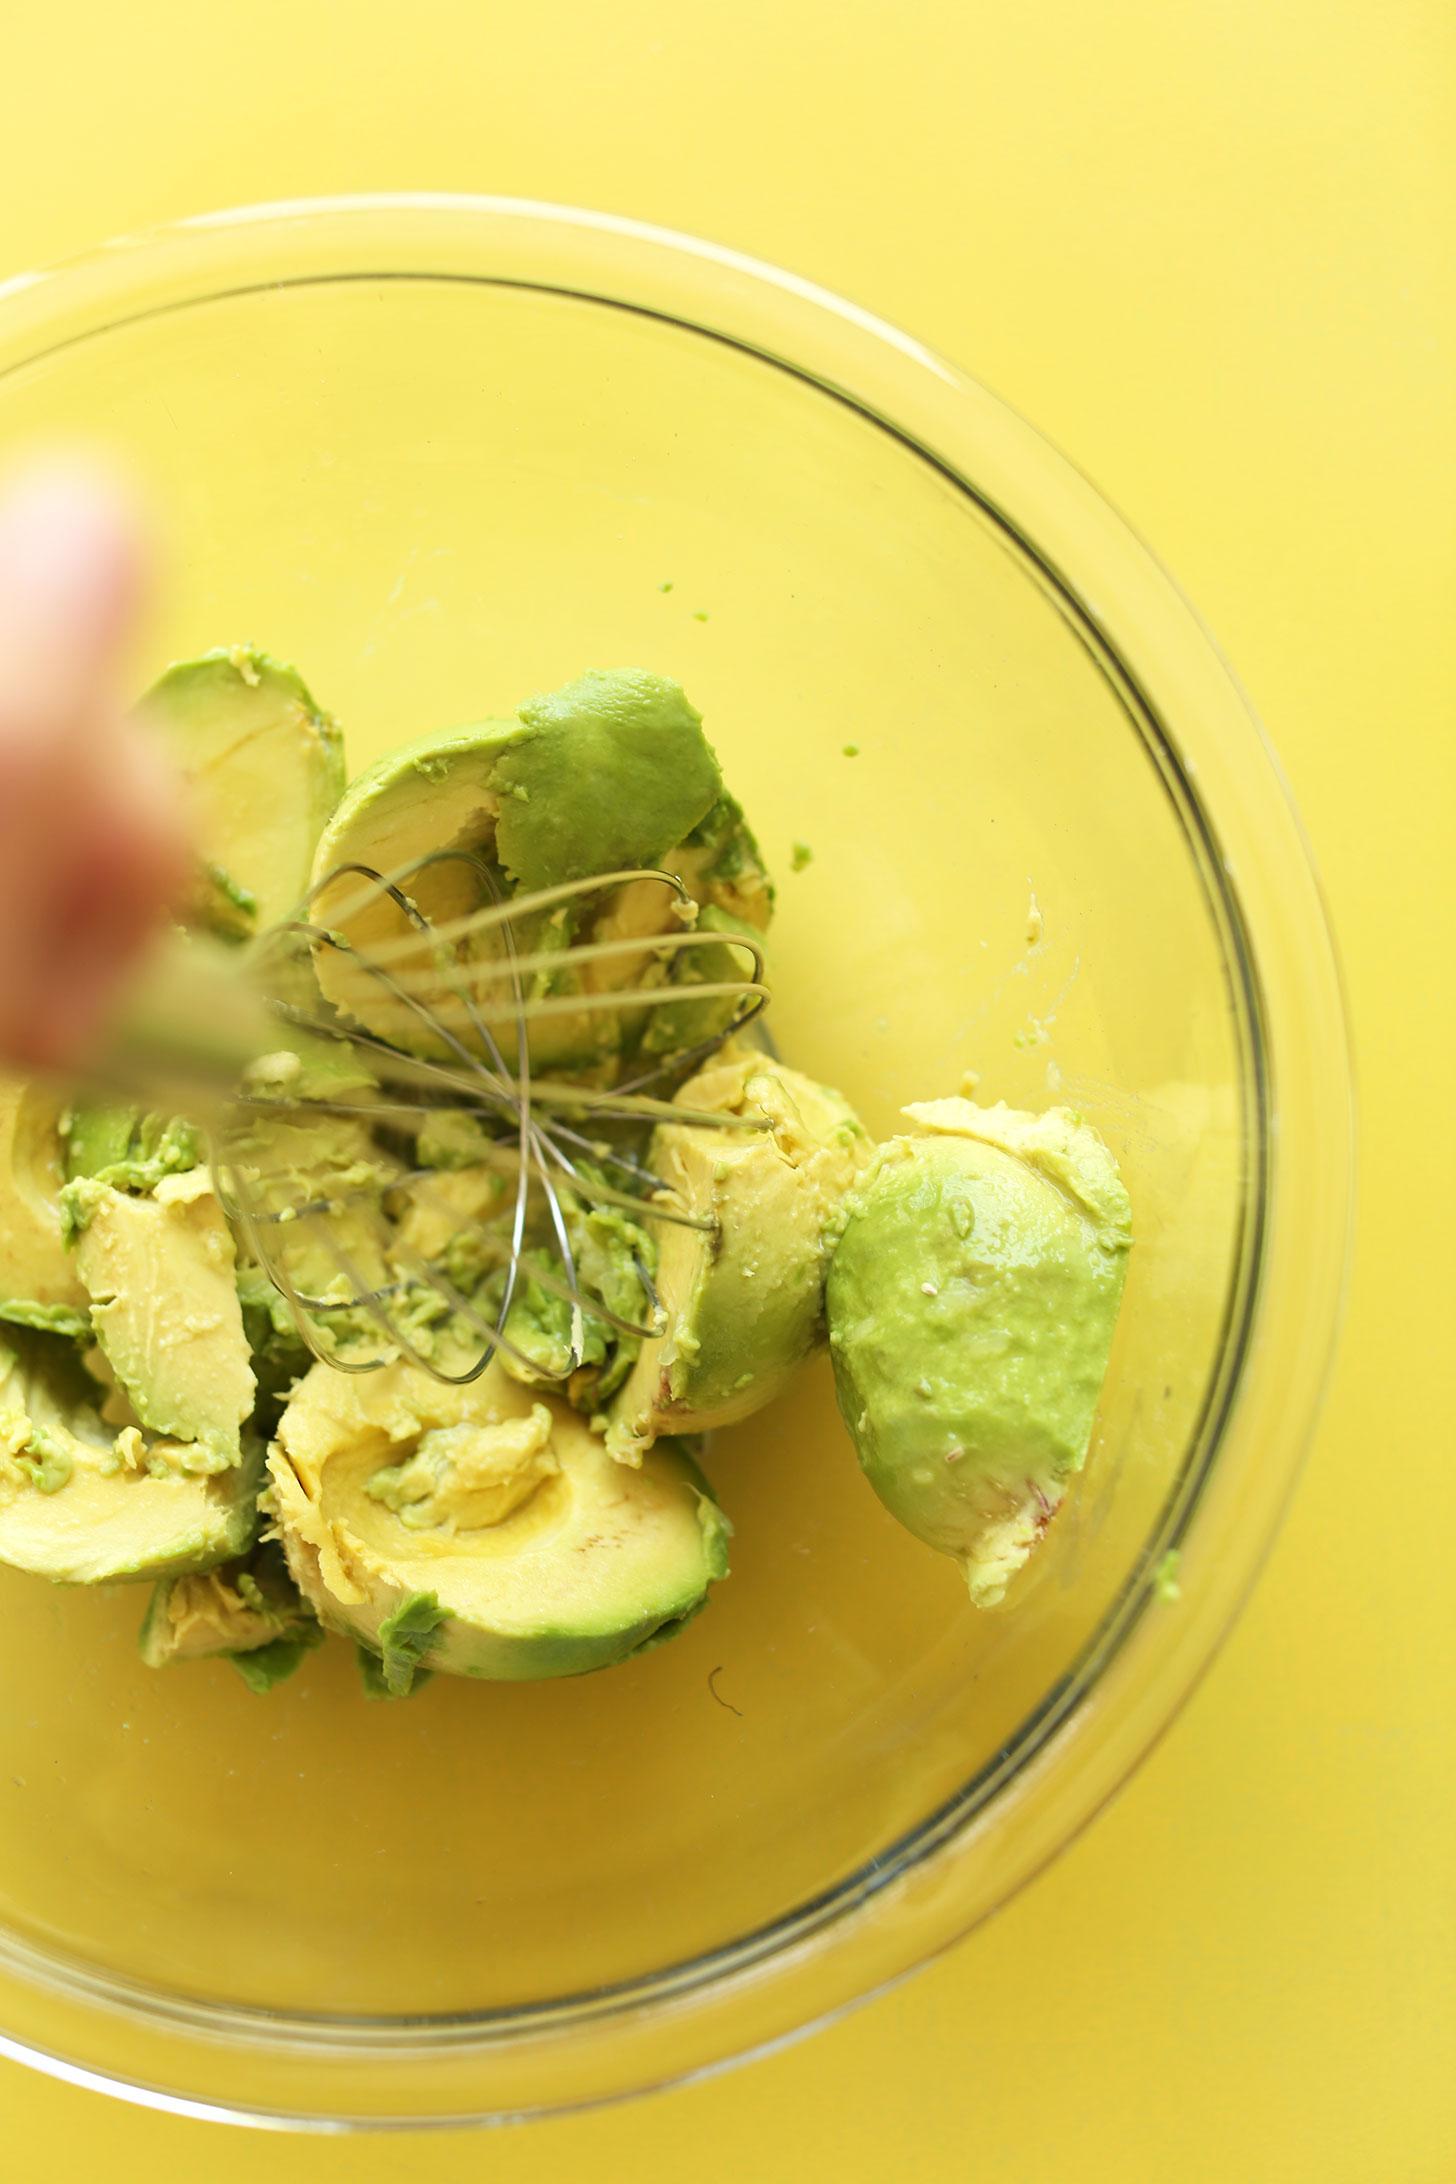 Smashing avocados for our Cauliflower Rice Burrito Bowl recipe